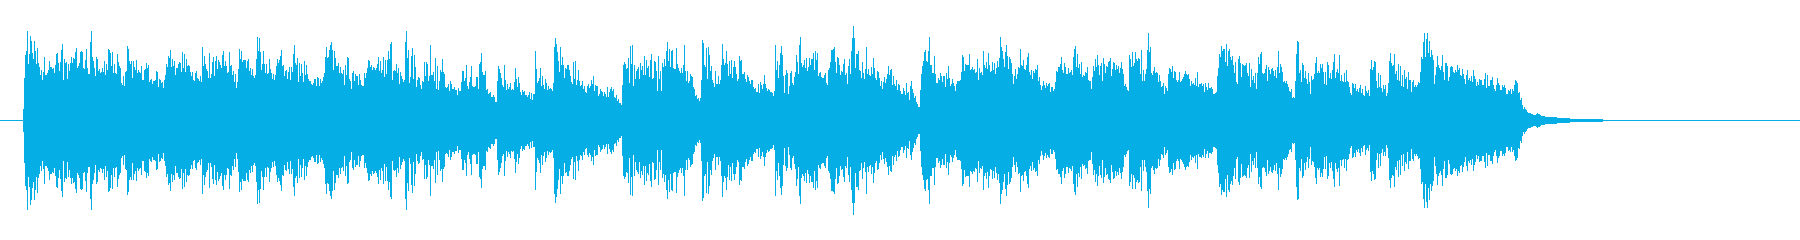 ジャズのような、落ち着きあるバラードの再生済みの波形